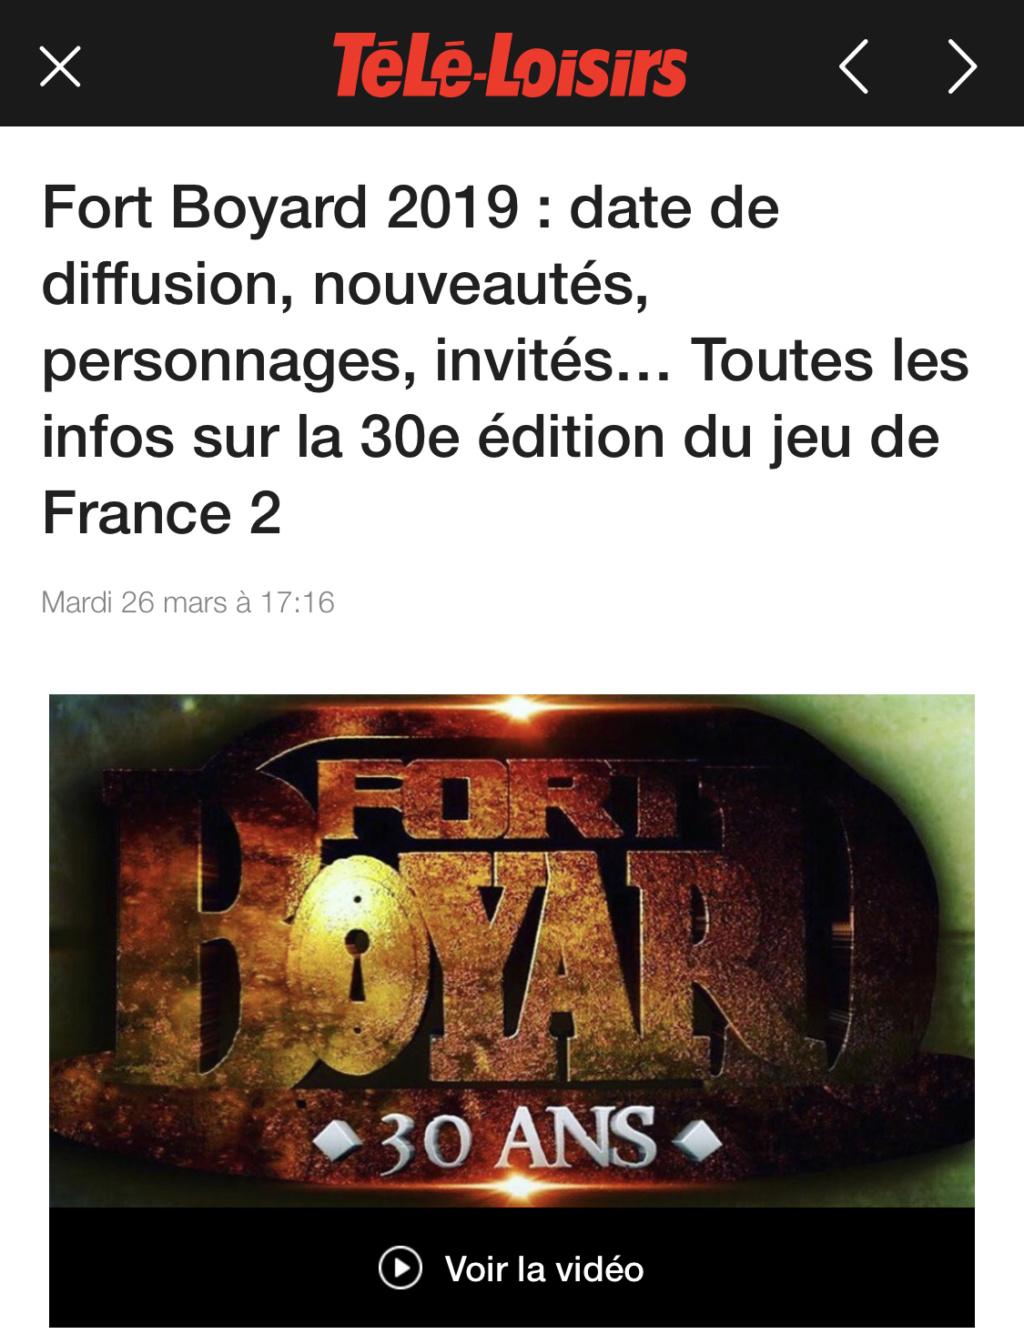 Débat MONTAGE, HABILLAGE, MUSIQUES - Fort Boyard 2019 - Page 2 Ca87bd10